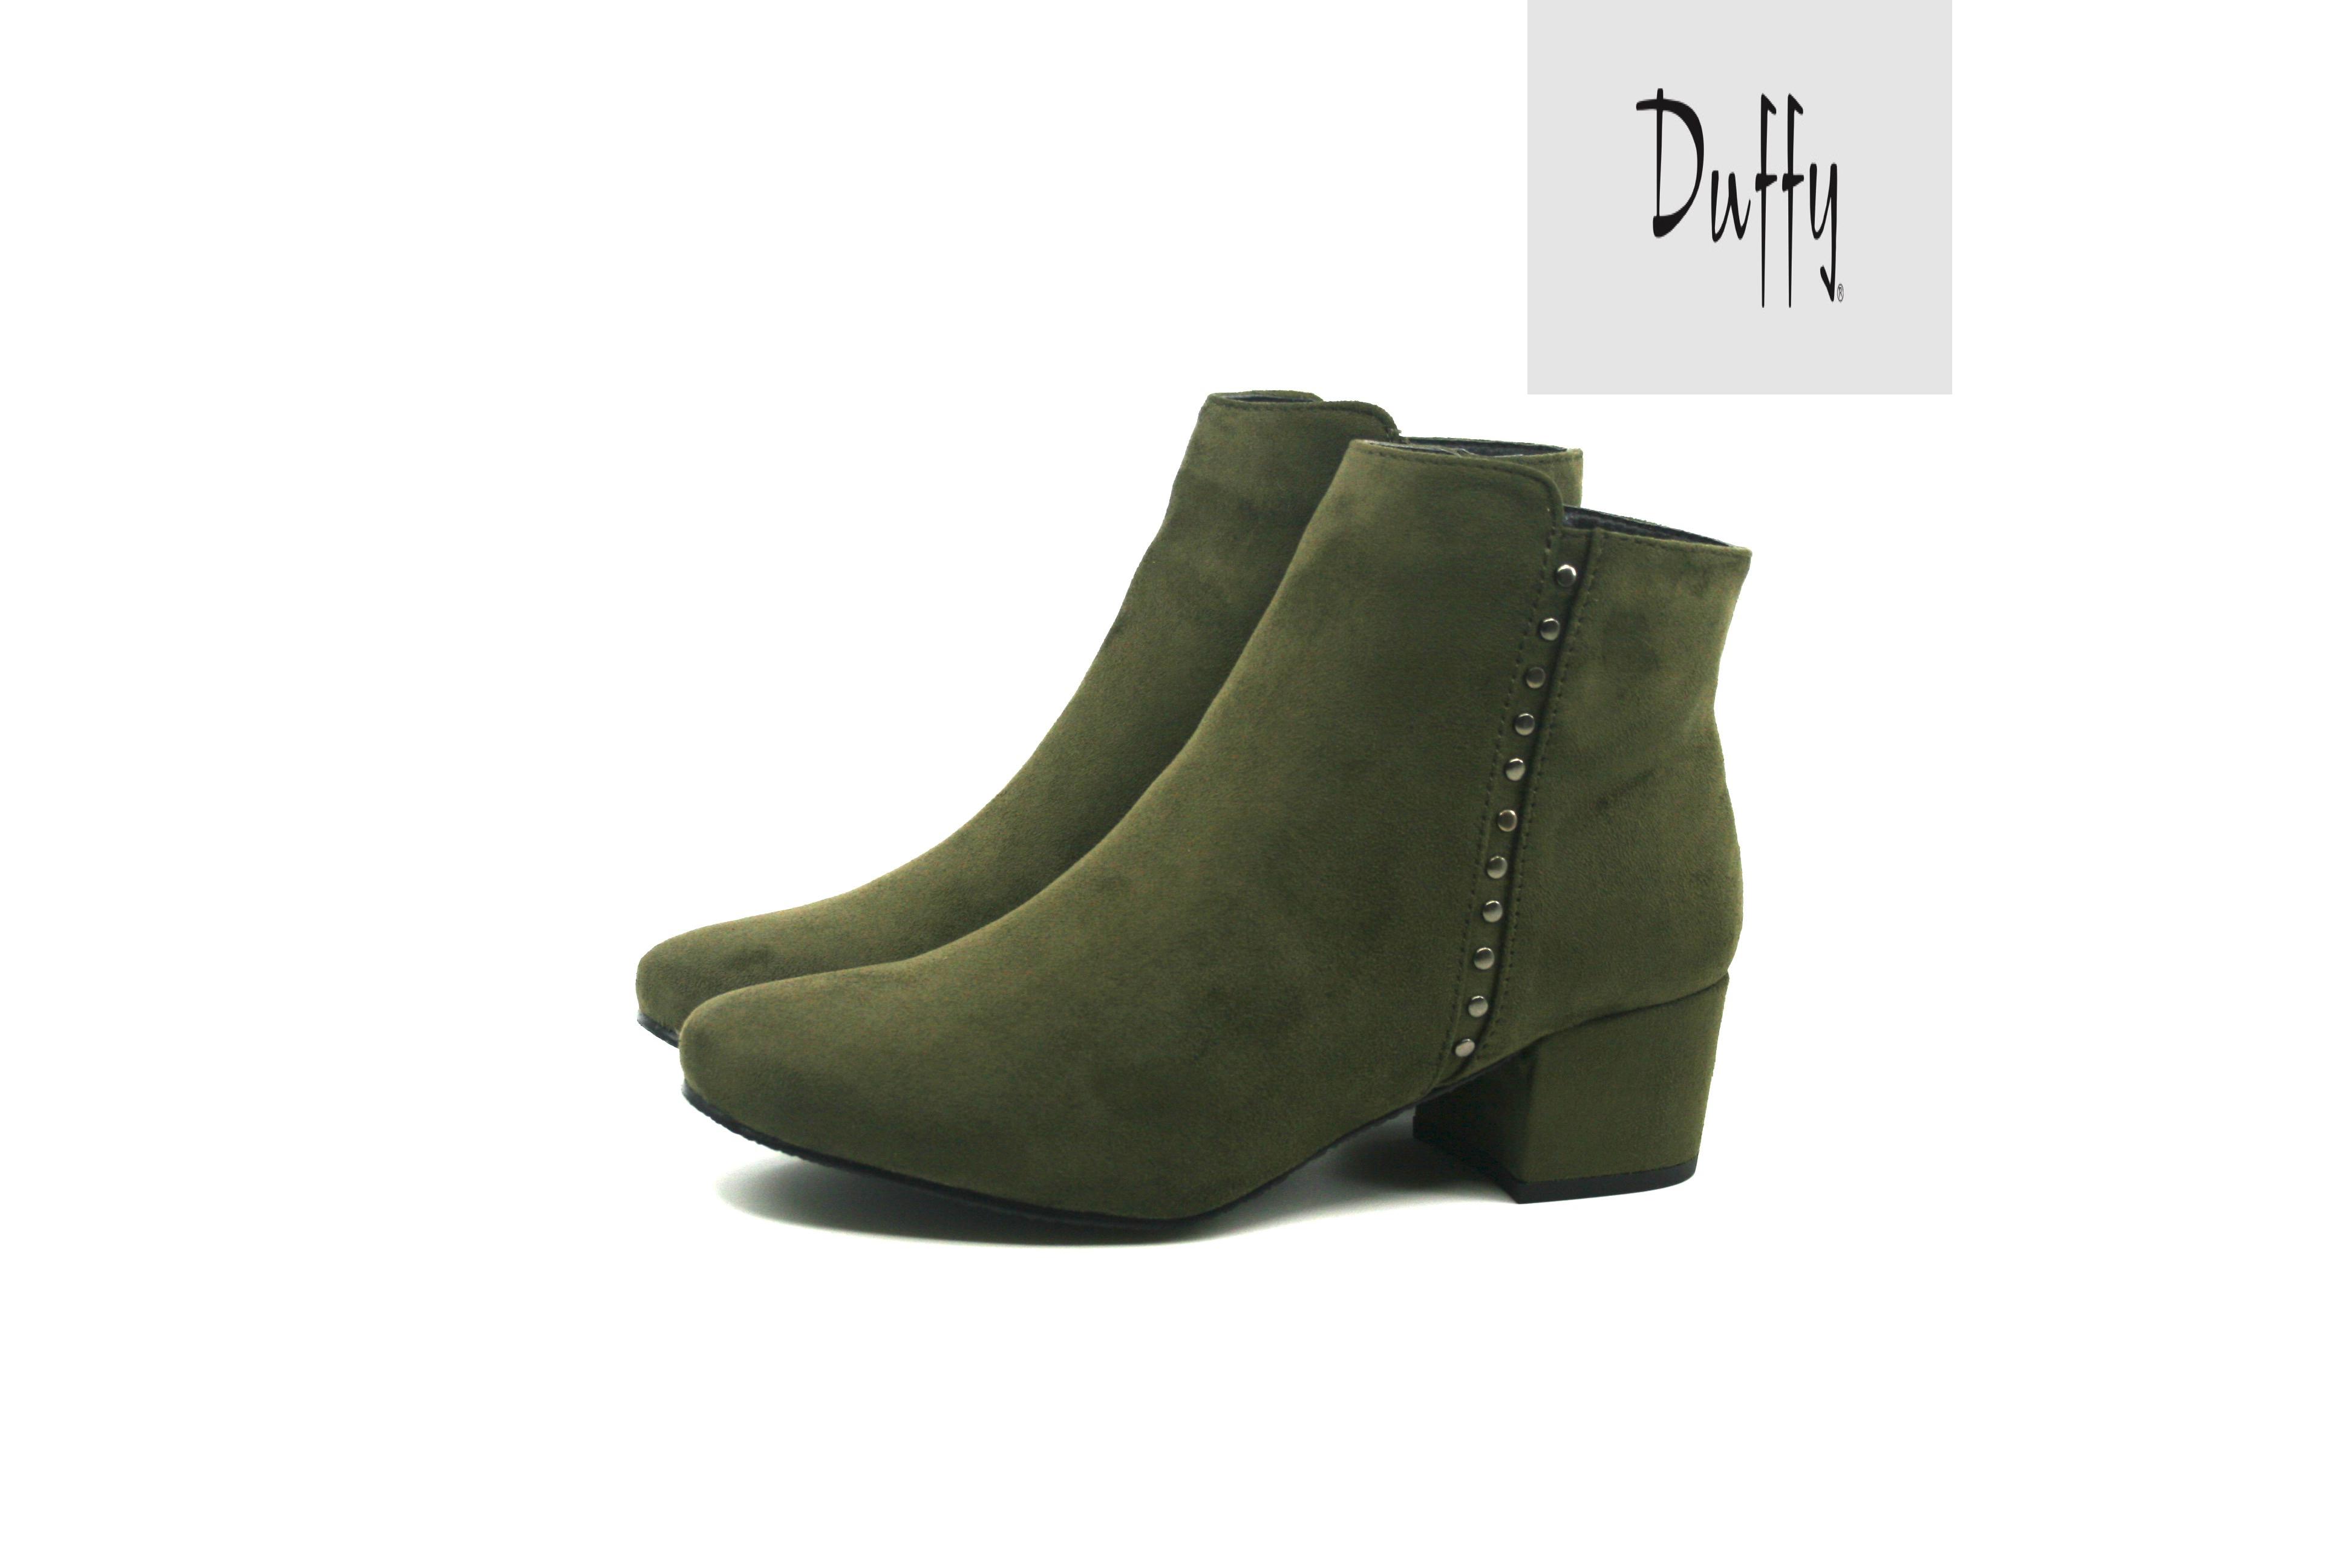 9f26783ceaa3 Damkjaer Sko Online Shop - Lækker støvle fra Duffy - 97-25003 - Kaki